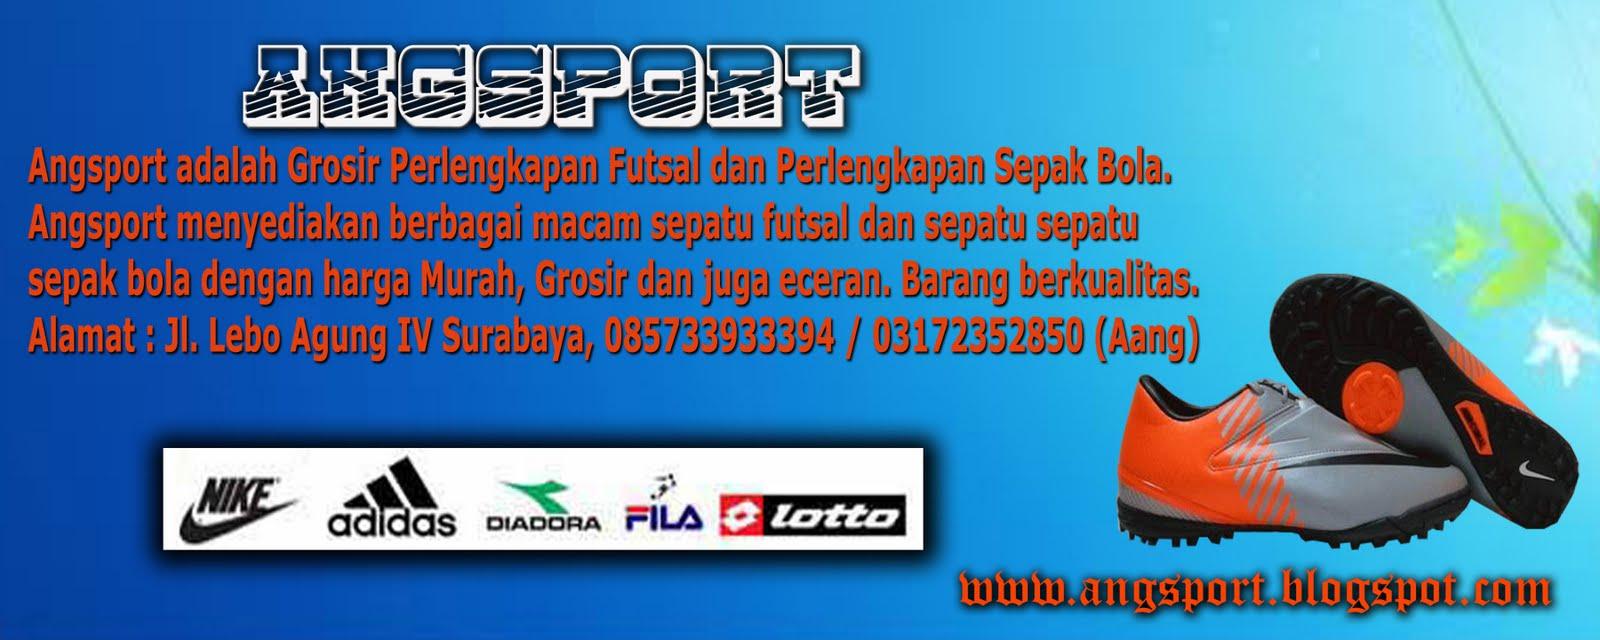 Grosir Sepatu Futsal | Sepatu Futsal Murah | Pusat Sepatu Futsal | Sepatu Bola | Bola Futsal